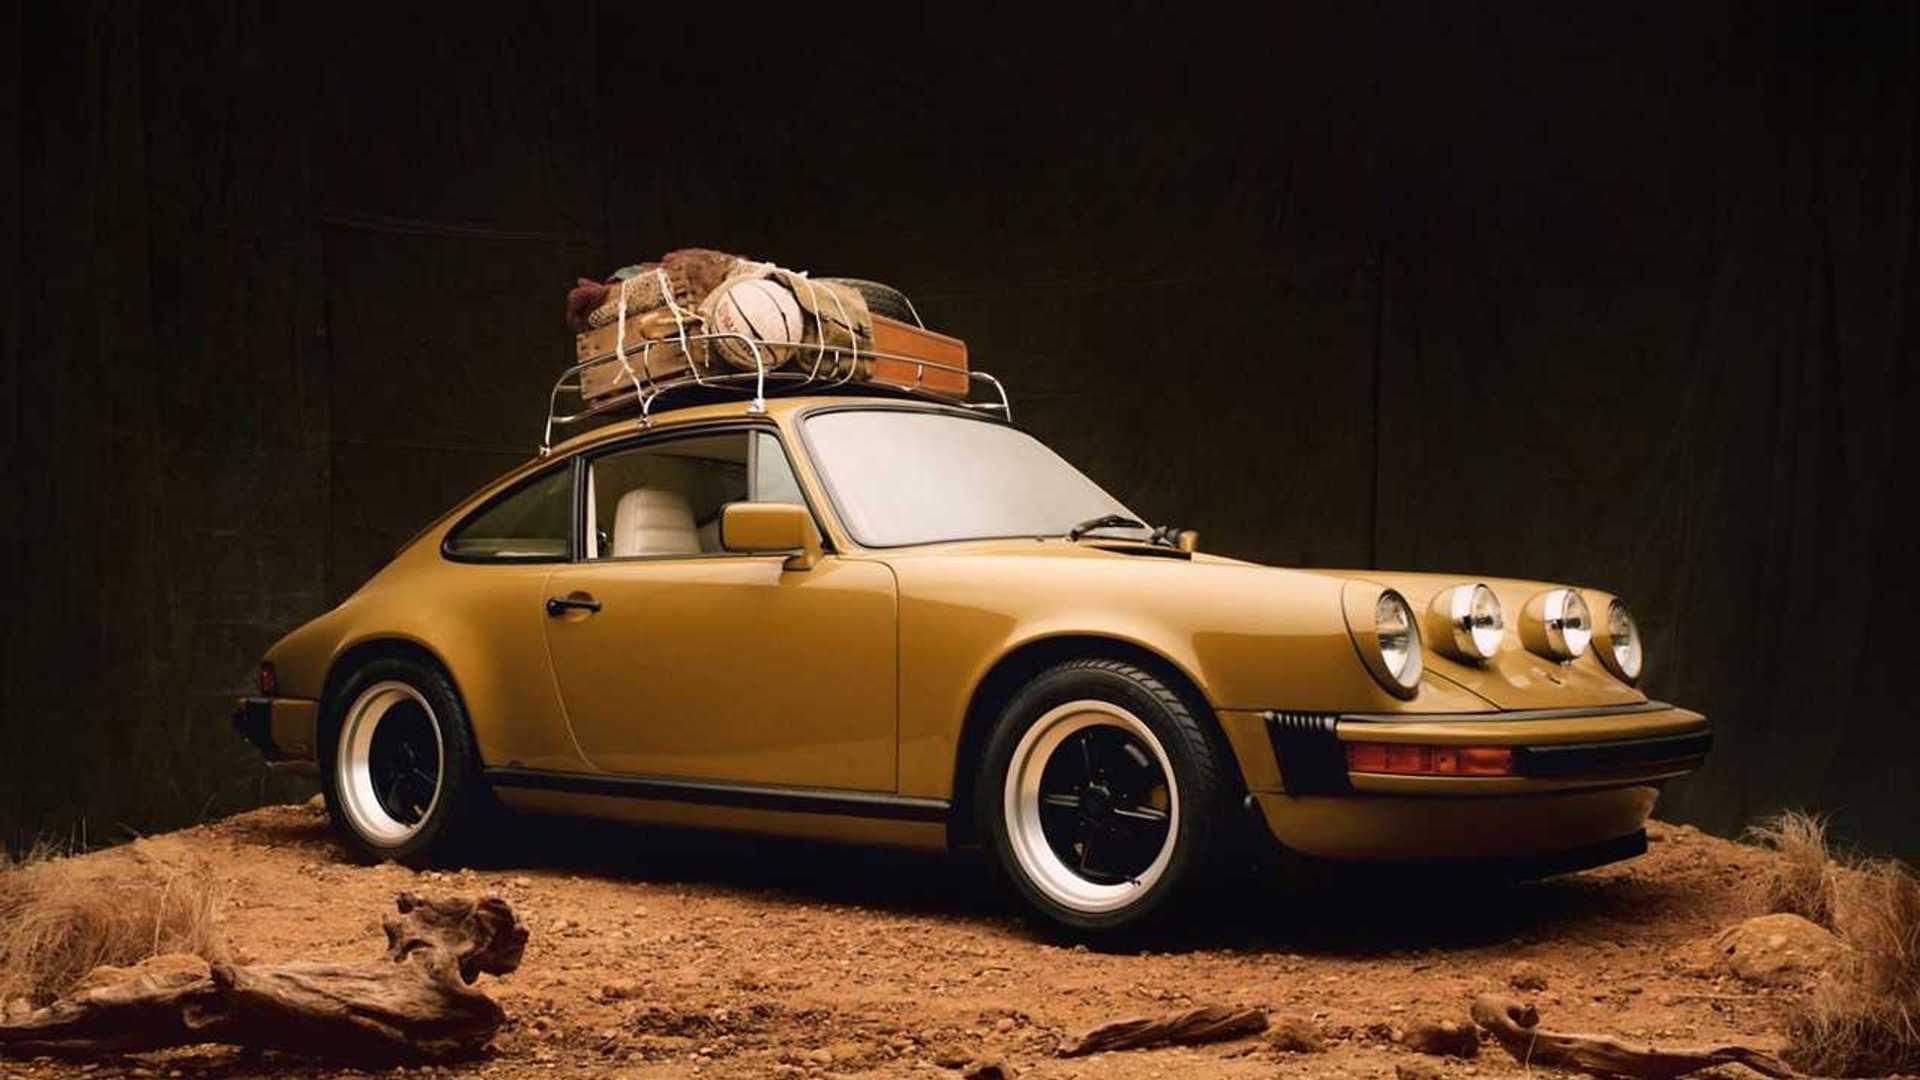 Restored Porsche 911 Super Carrera x Aimé Leon Dore